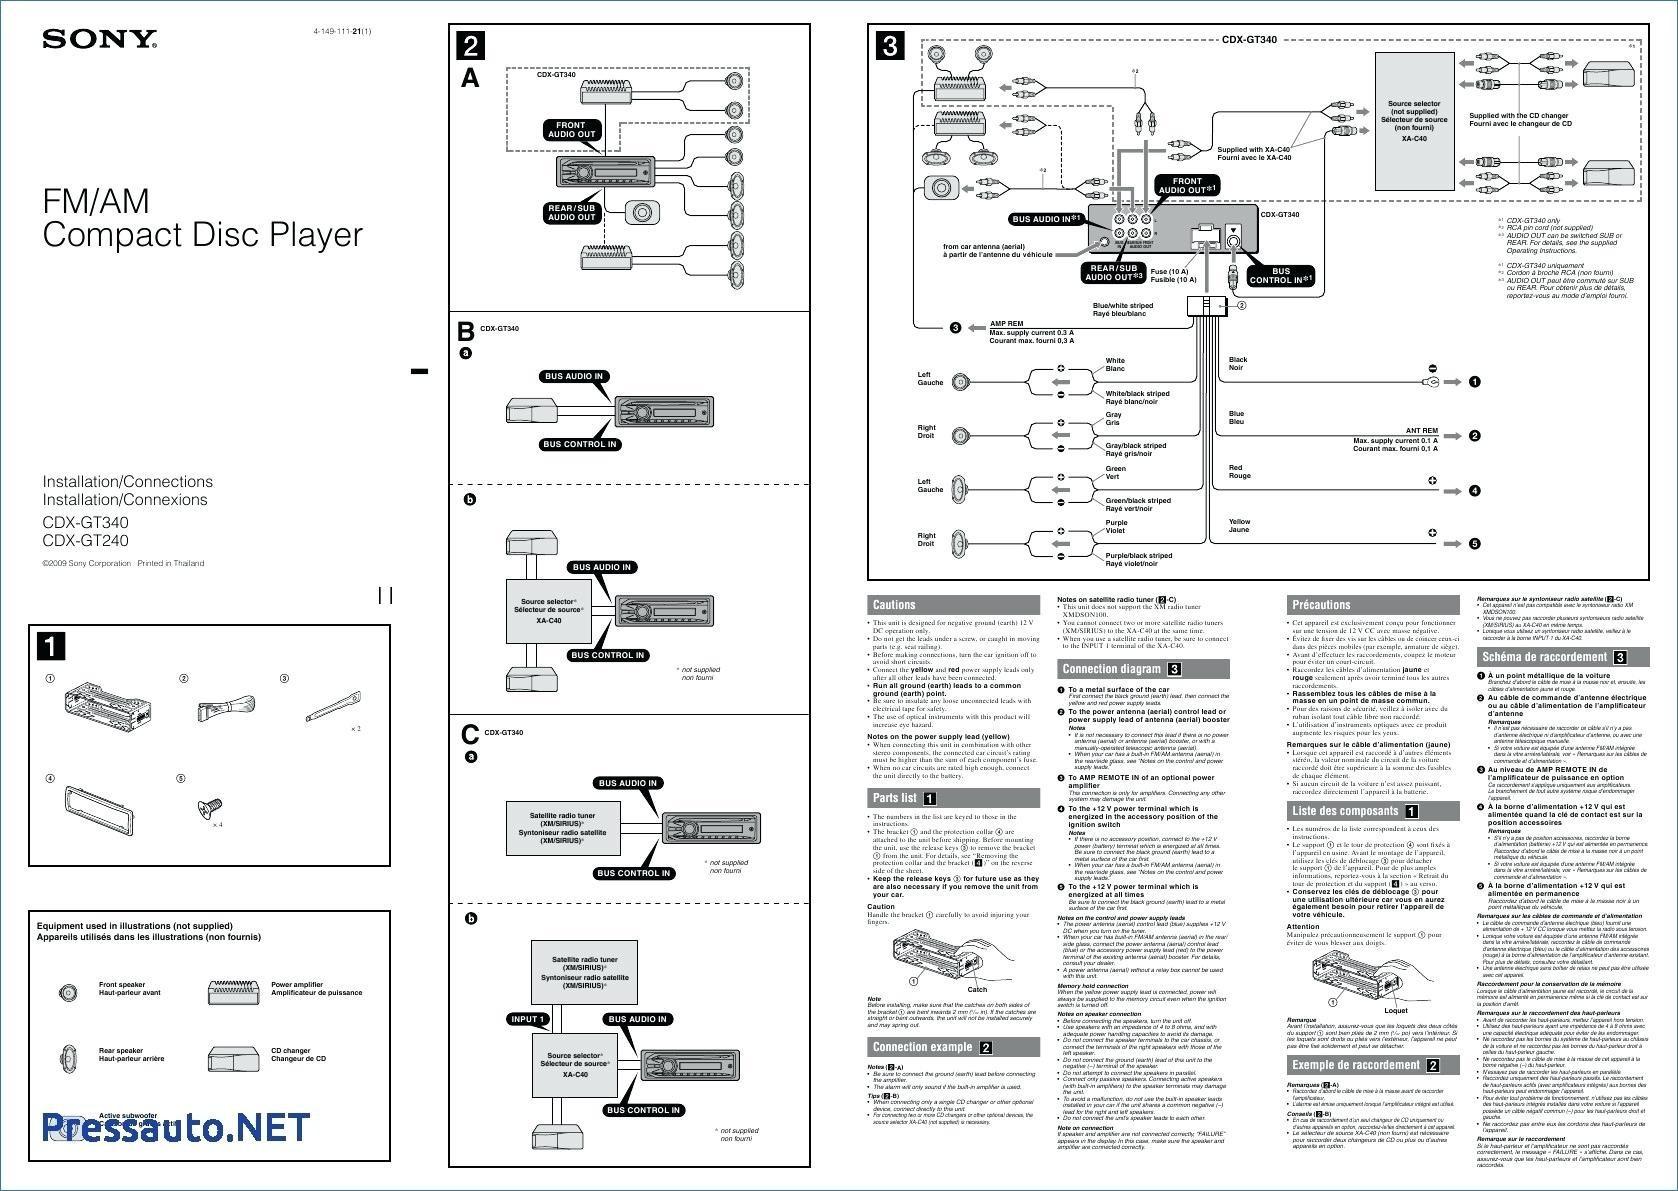 Xm 554Zr Sony Xplod Wiring Diagram | Wiring Diagram - Sony Explod Wiring Diagram